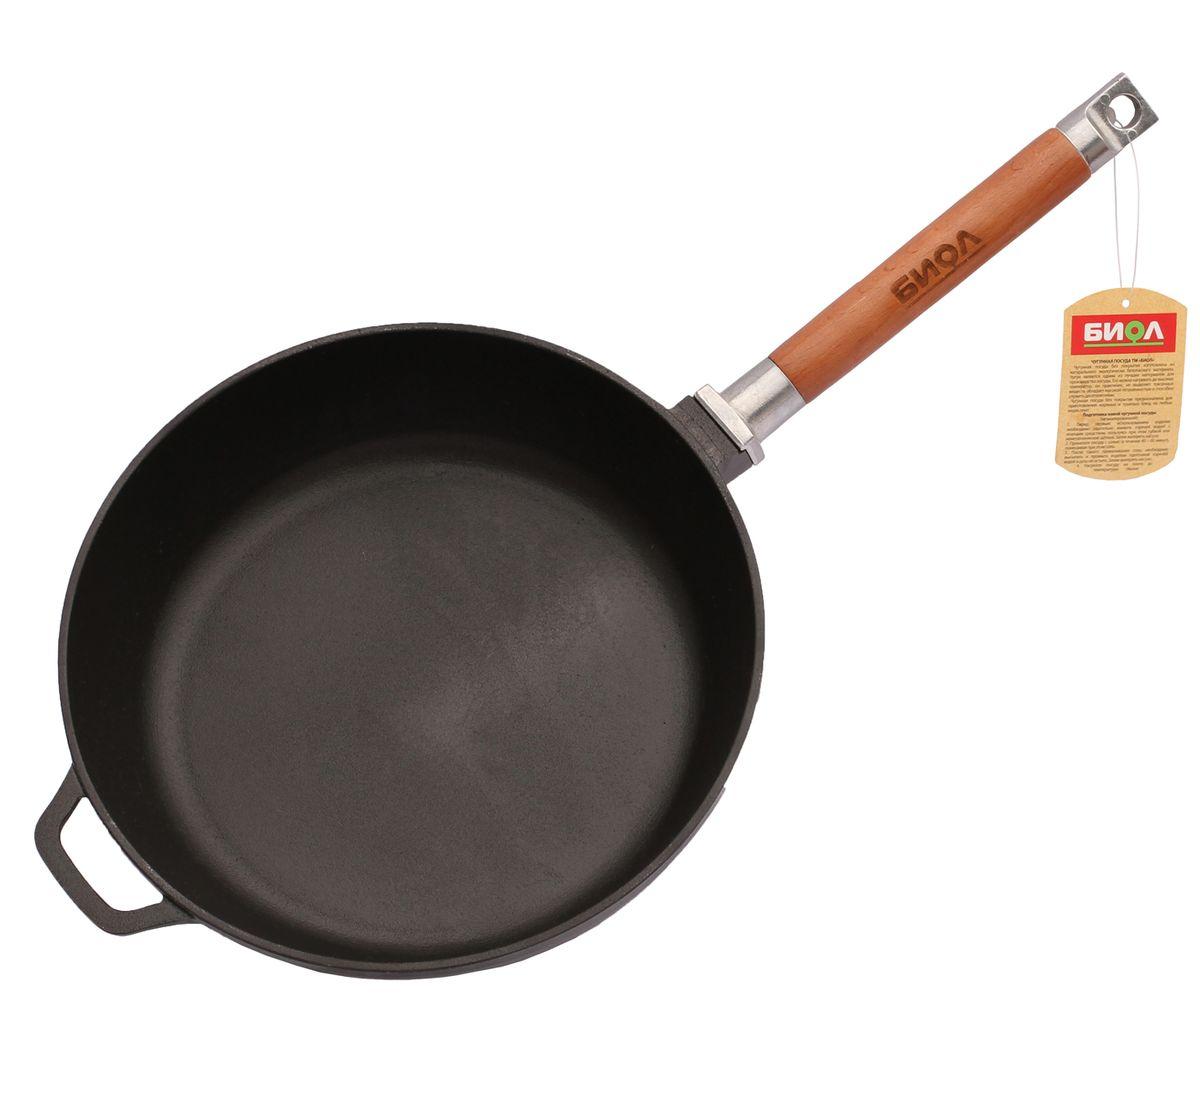 Сковорода чугунная Биол, со съемной ручкой. Диаметр 24 см. 0324